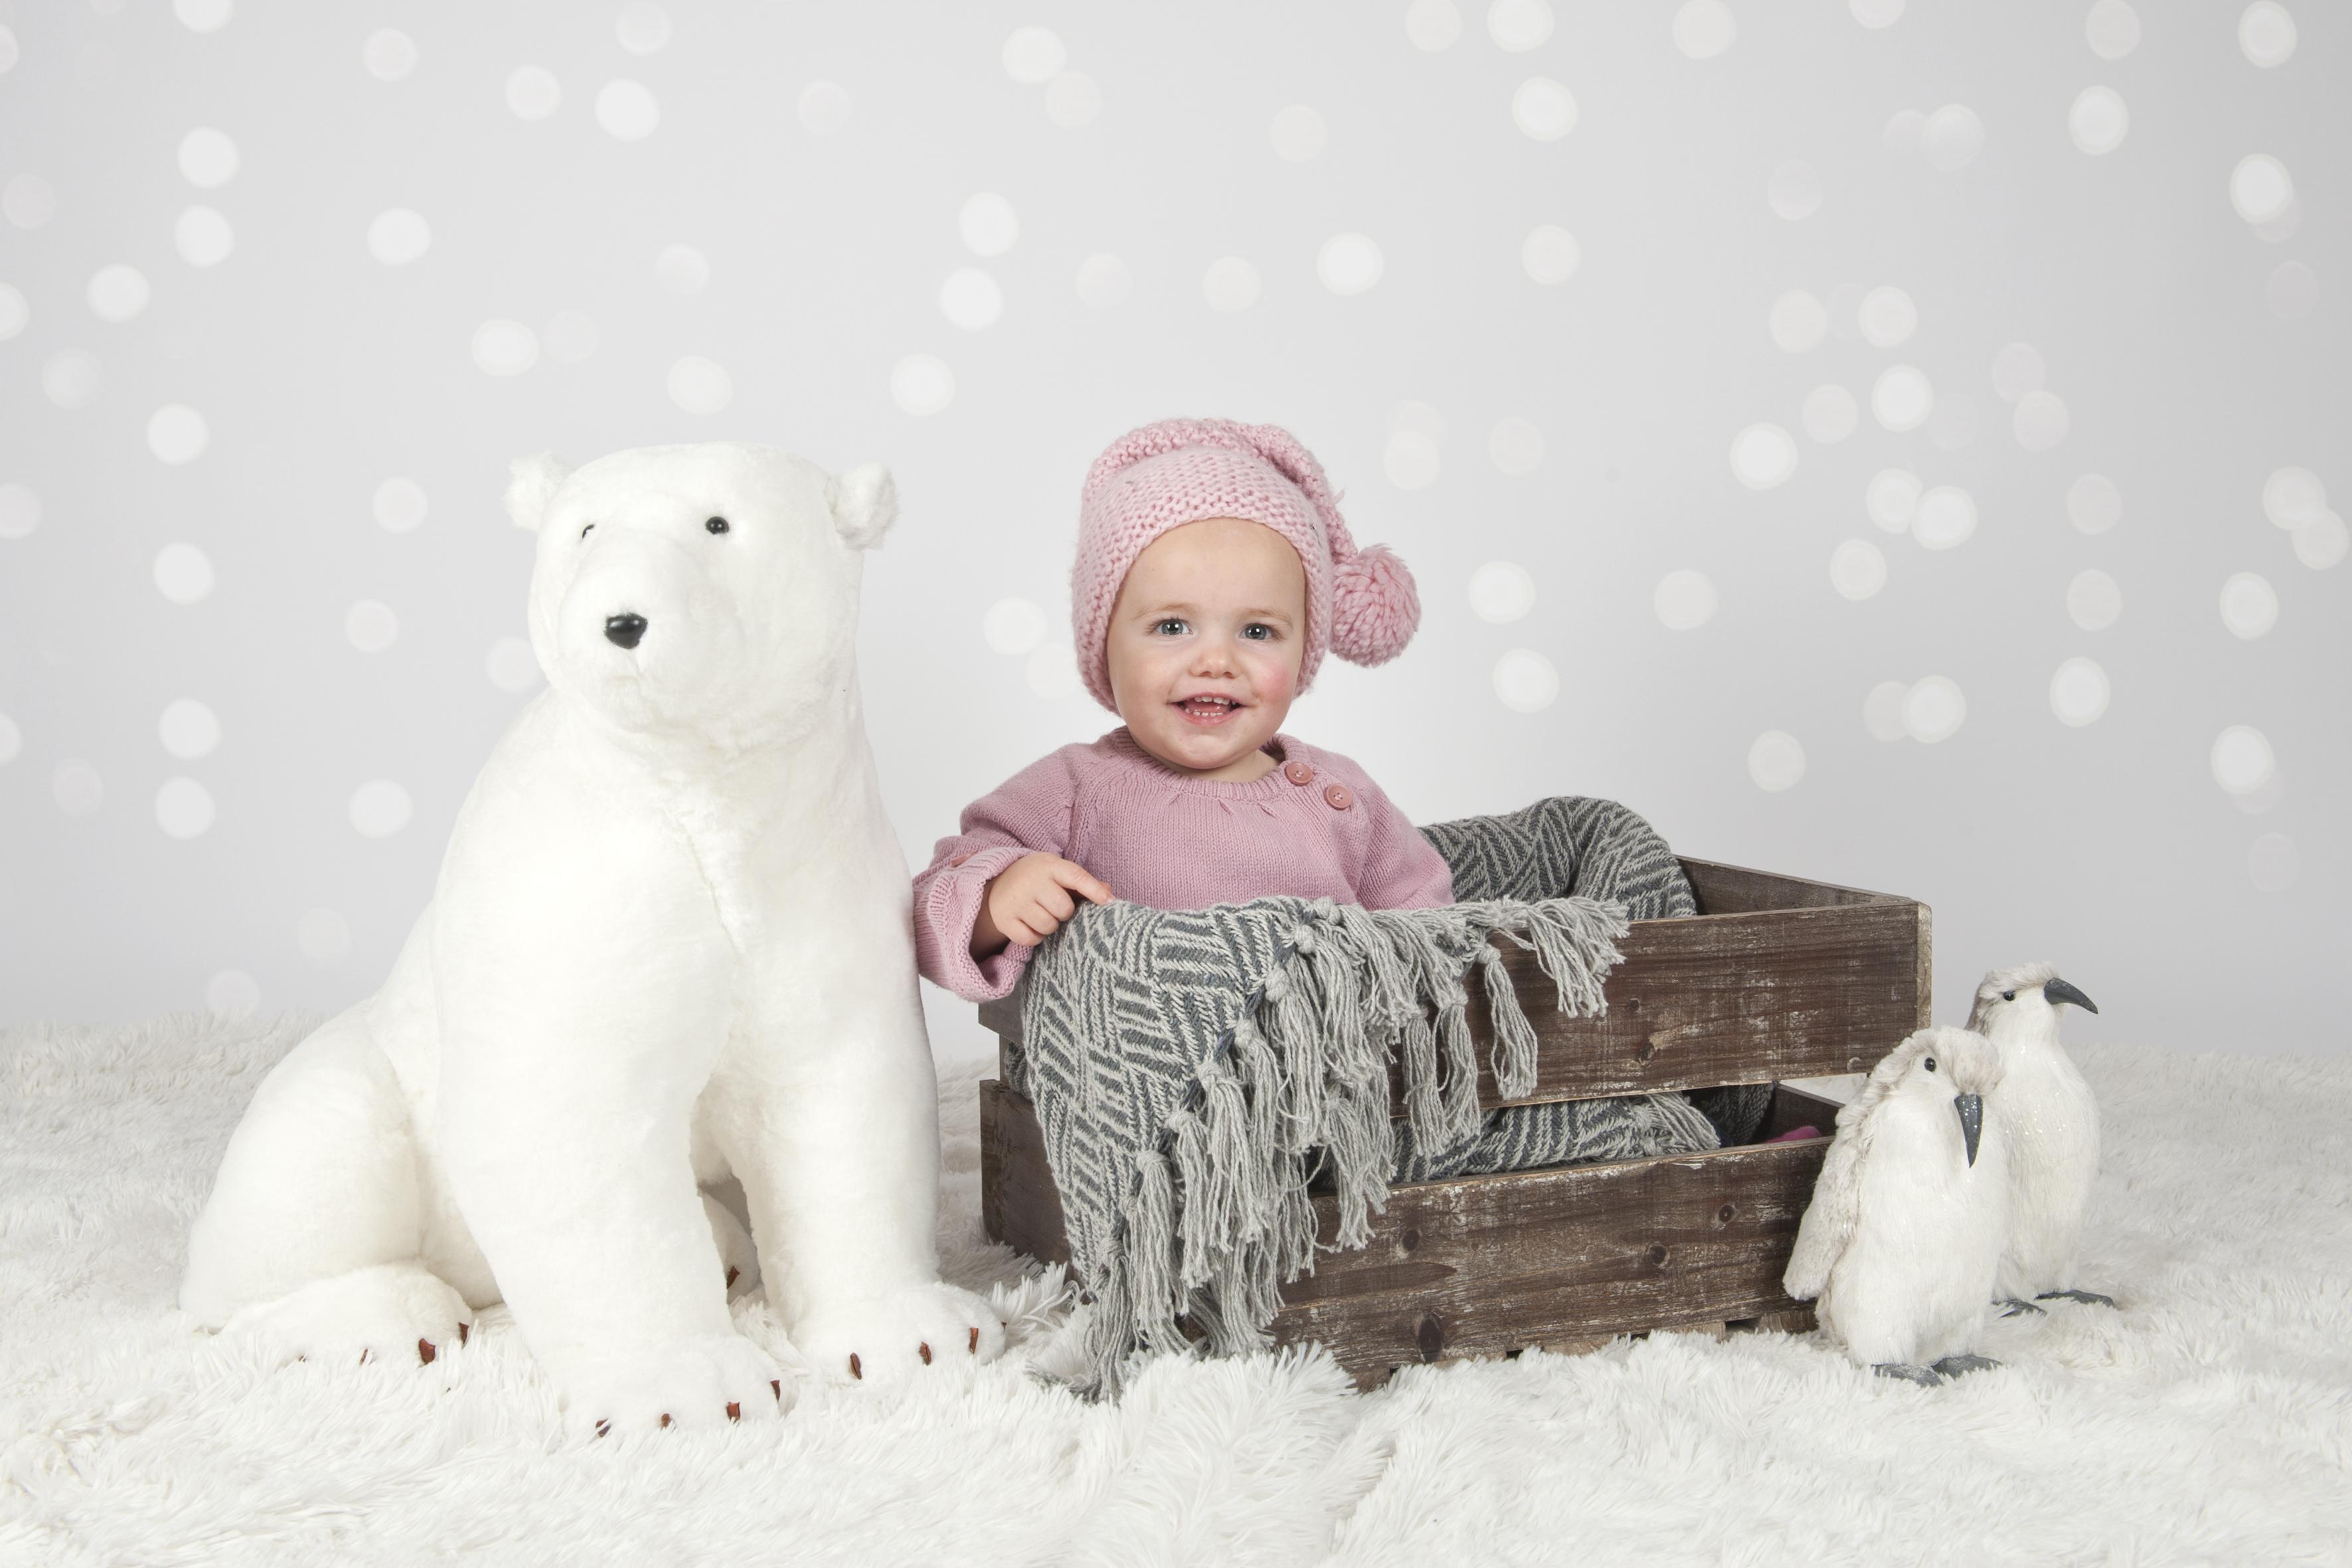 Kerstminisessie7598